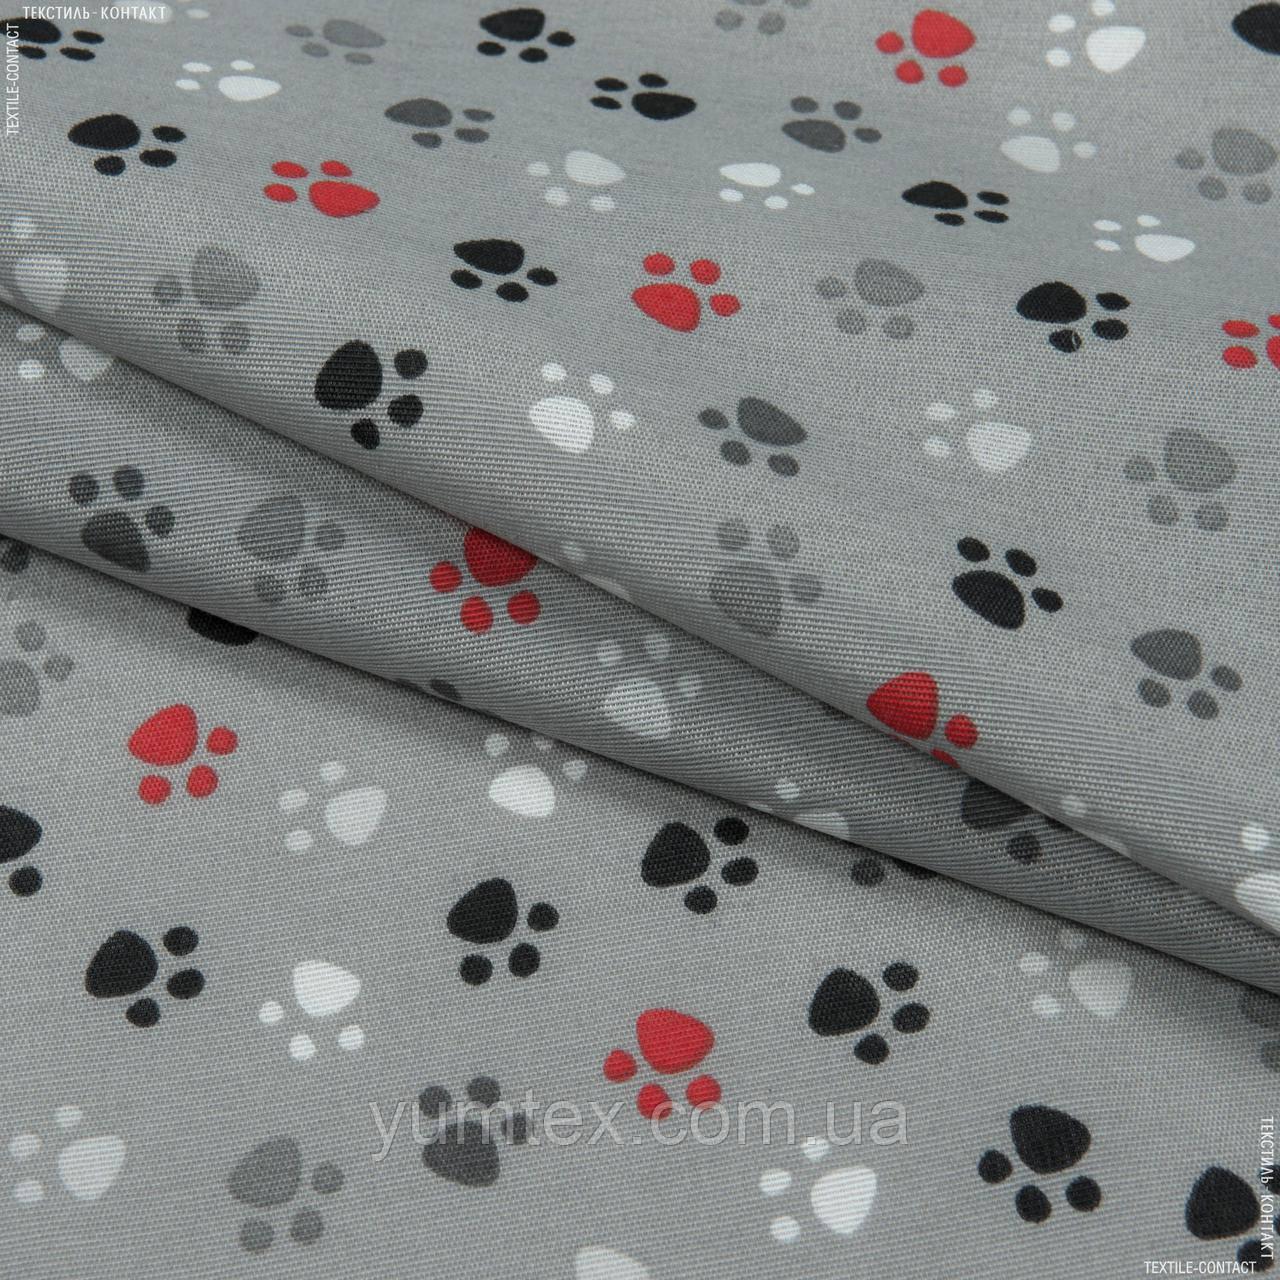 Декоративна тканина лонета хеллас/huellas /фон сірий 148859